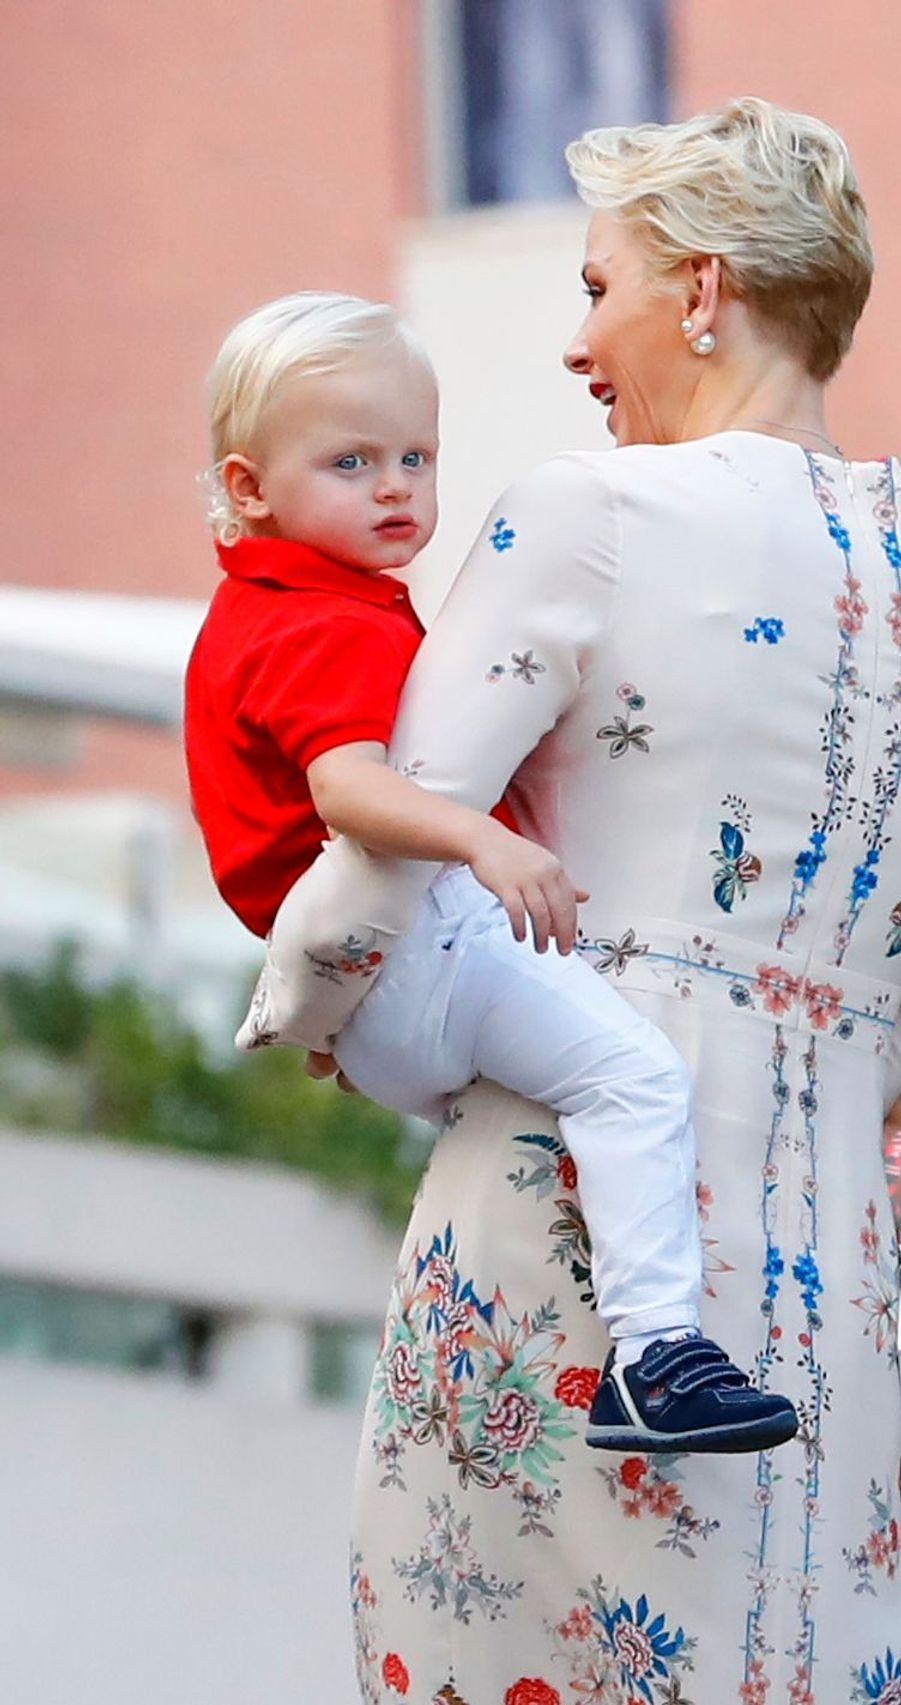 Le prince Albert II de Monaco, son épouse la princesse Charlène et leur fils Jacques, ainsi que la princesse Caroline étaient ce samedi 10 septembre au traditionnel pique-nique de la Principauté, qui se tient chaque année au parc de la princesse Antoinette.